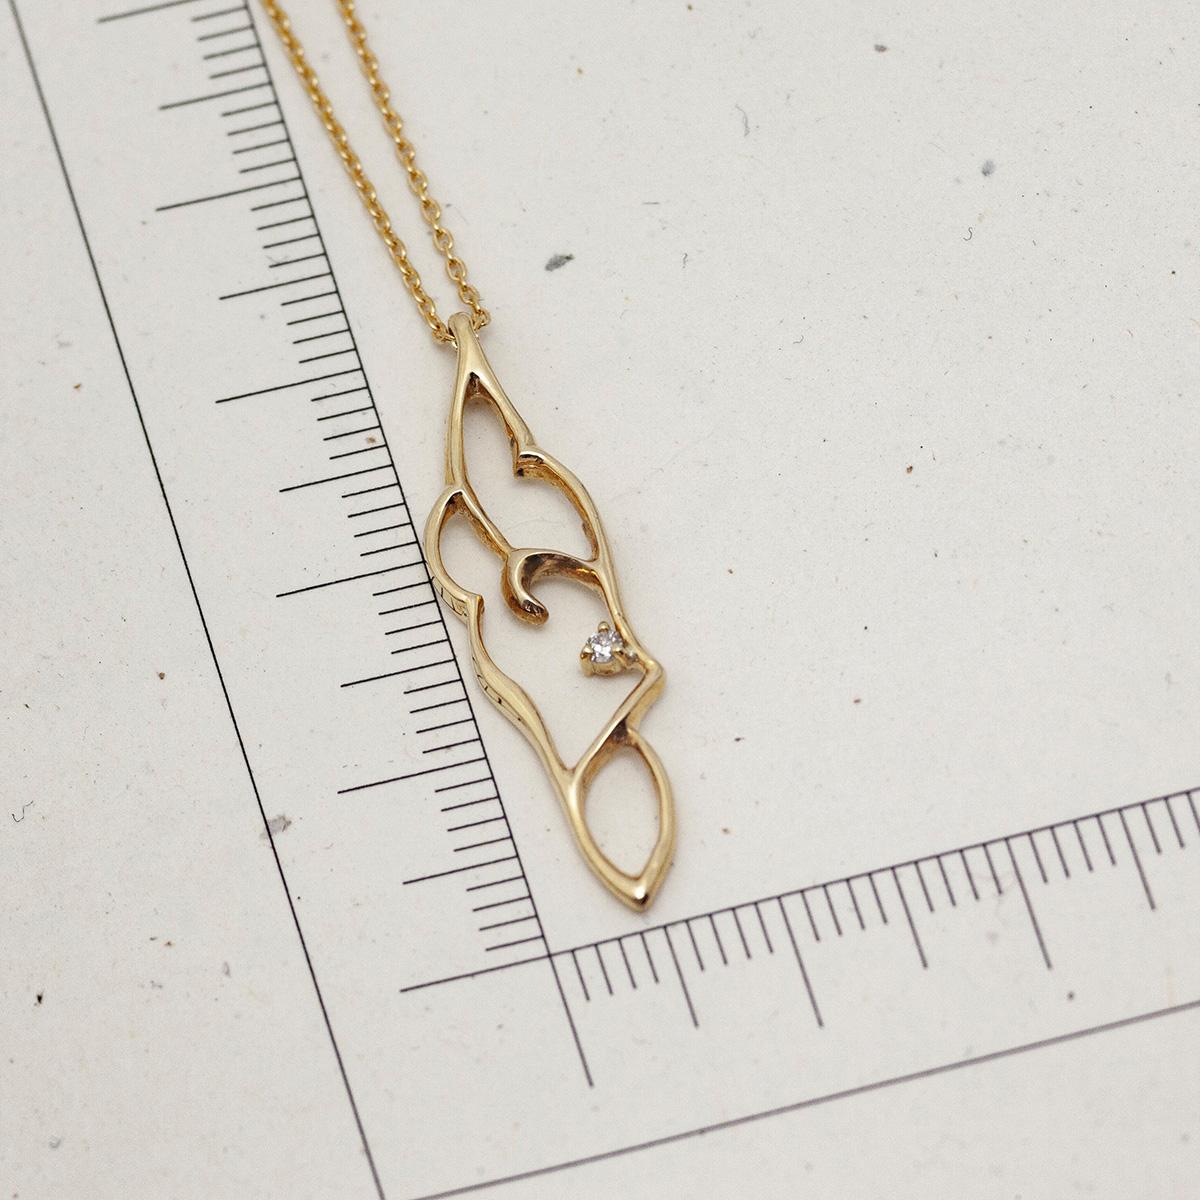 アラベスクのゴールドネックレス